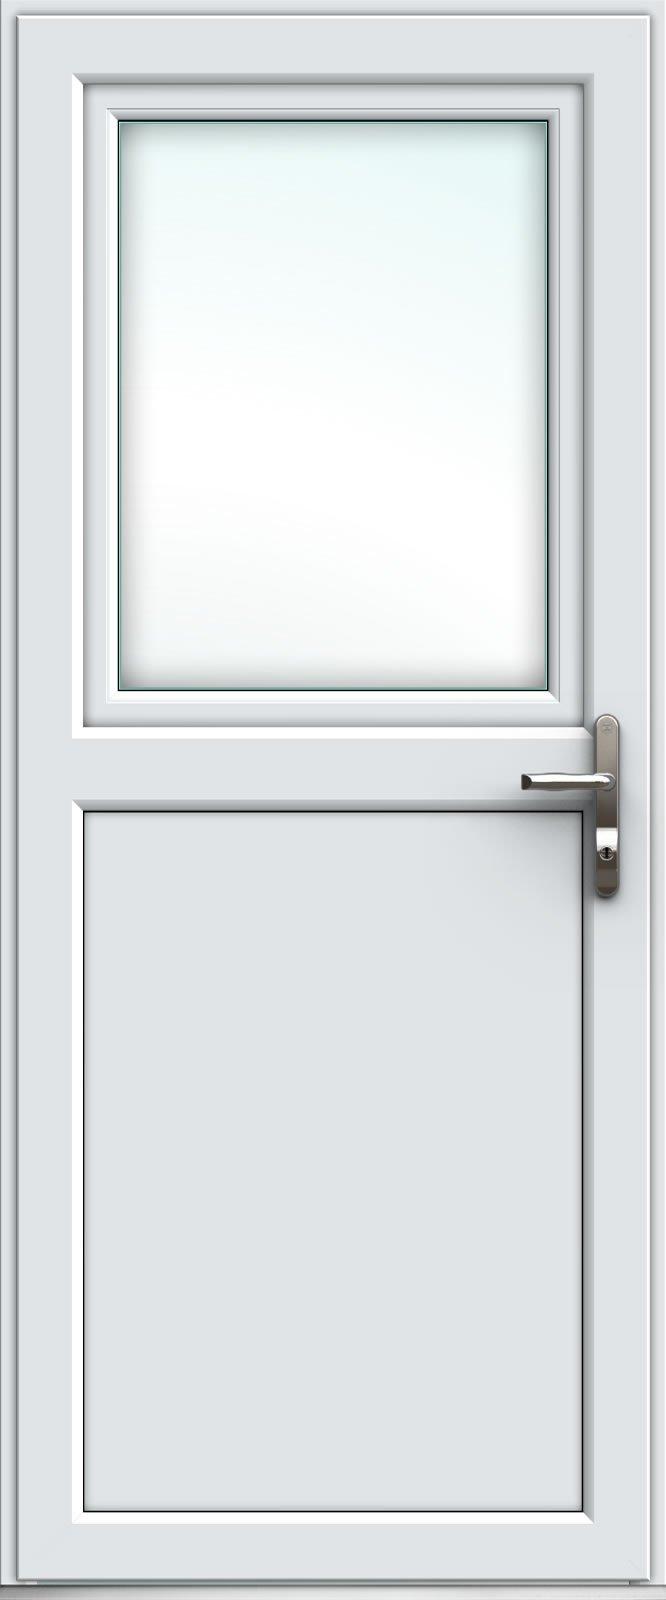 Stable Door / Flat Style